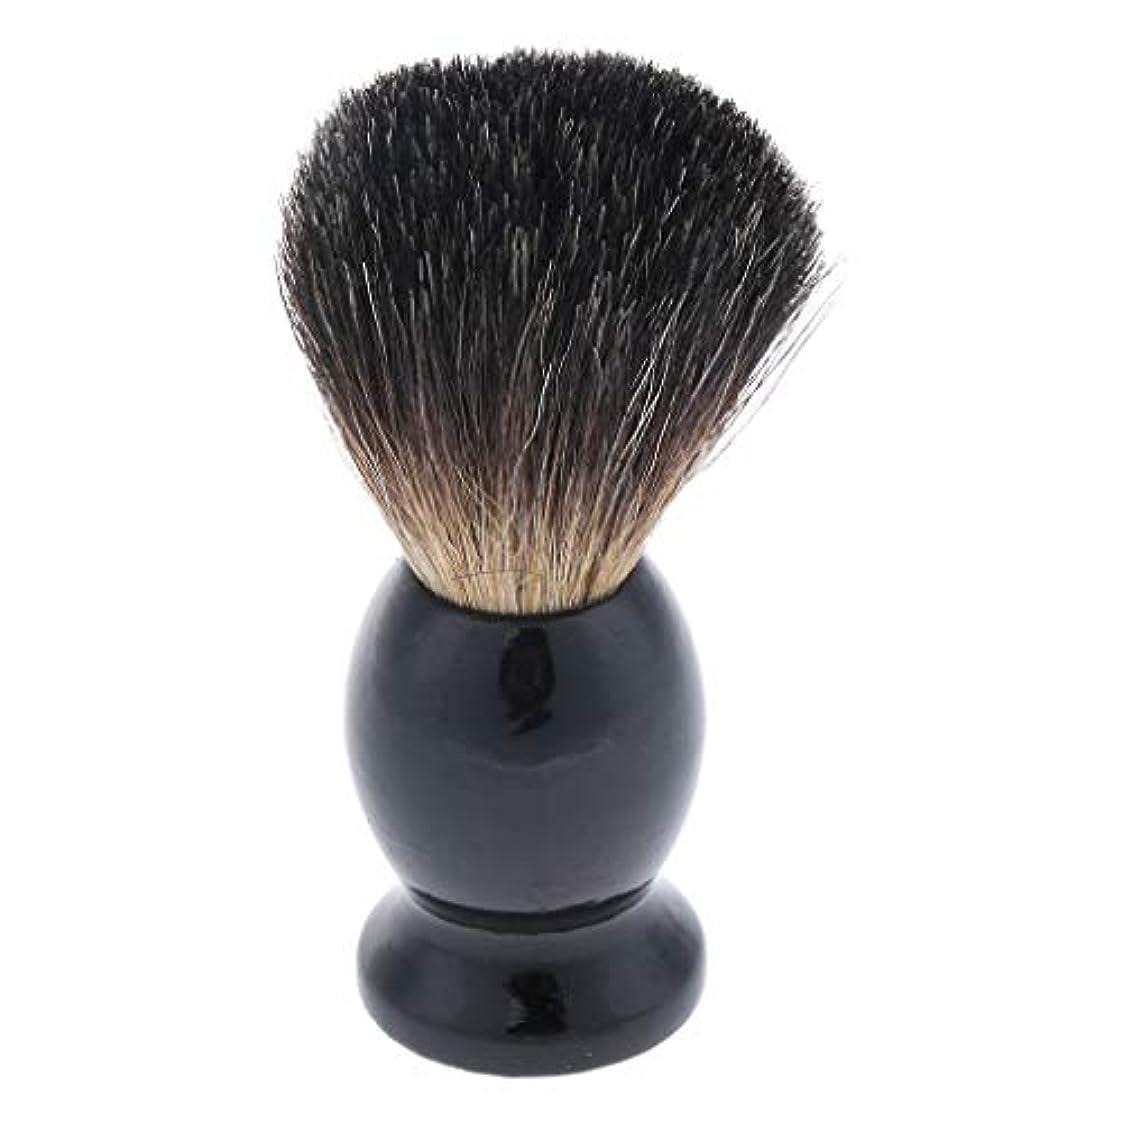 がっかりするタックスムーズにシェービングブラシ メンズ ひげブラシ 髭剃りブラシ 木製ハンドル 泡立ち 理容